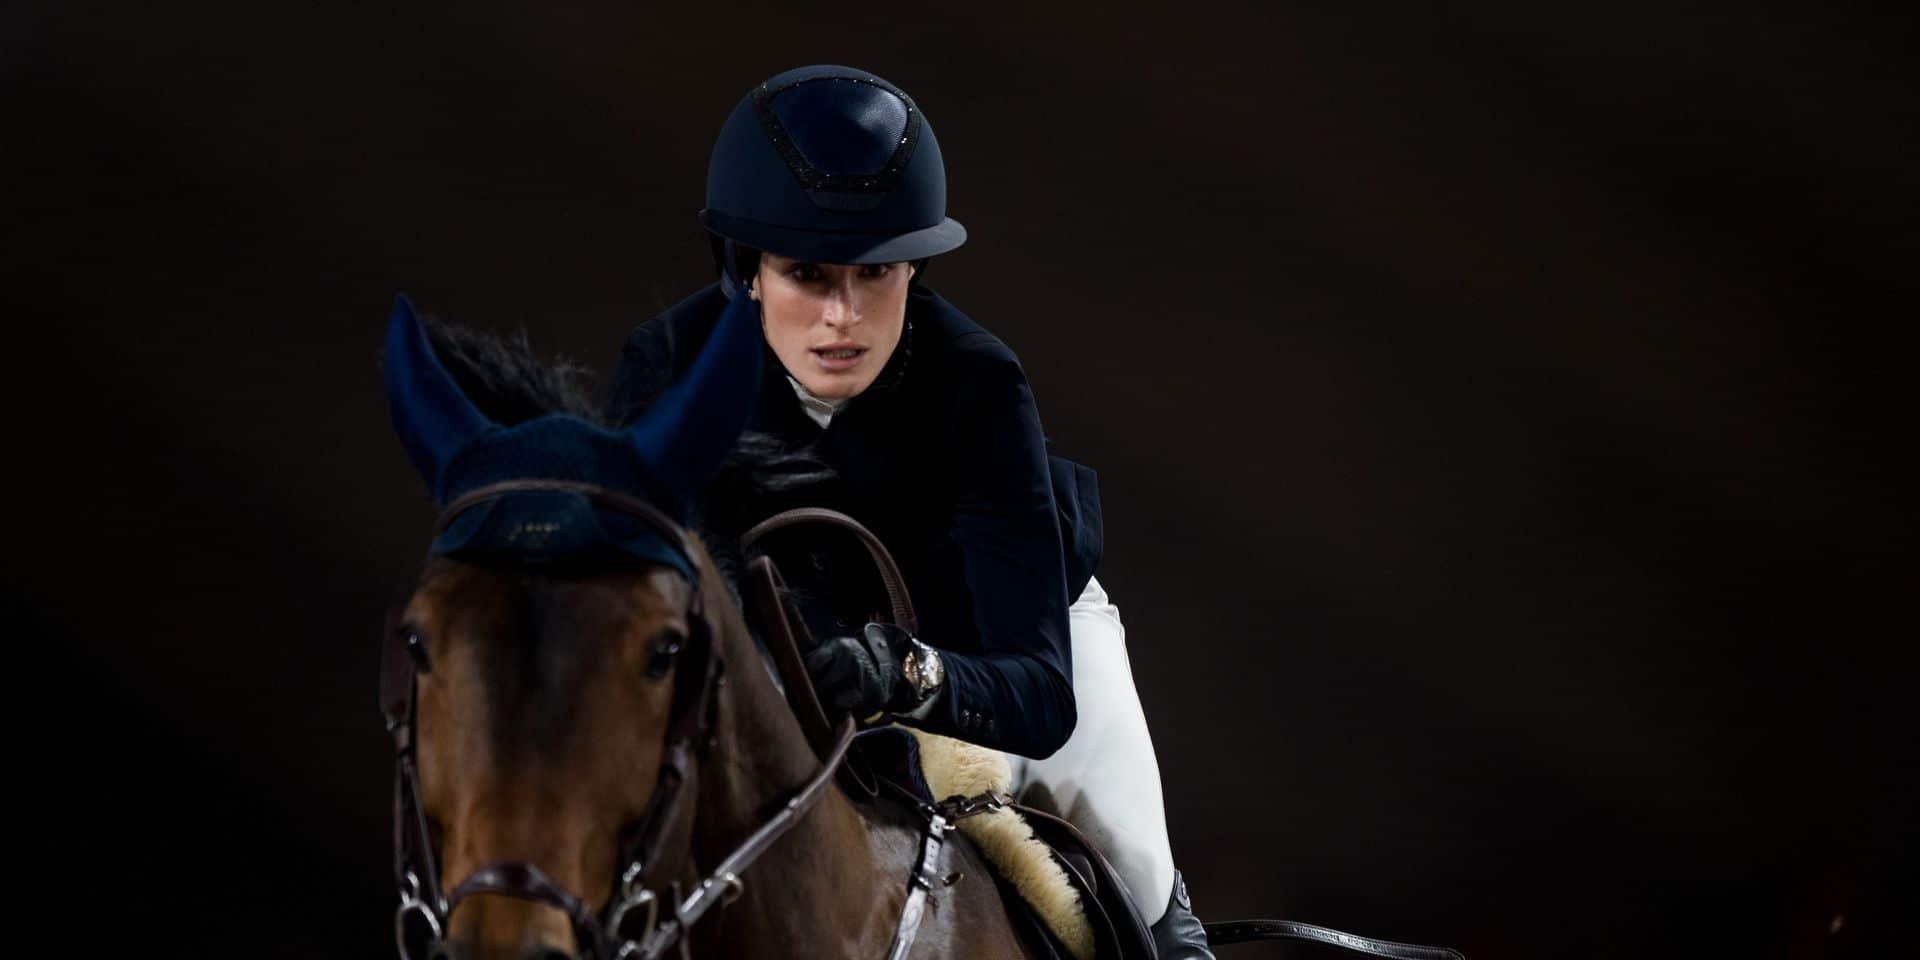 La fille de Bruce Springsteen qualifiée pour les Jeux olympiques avec un cheval belge